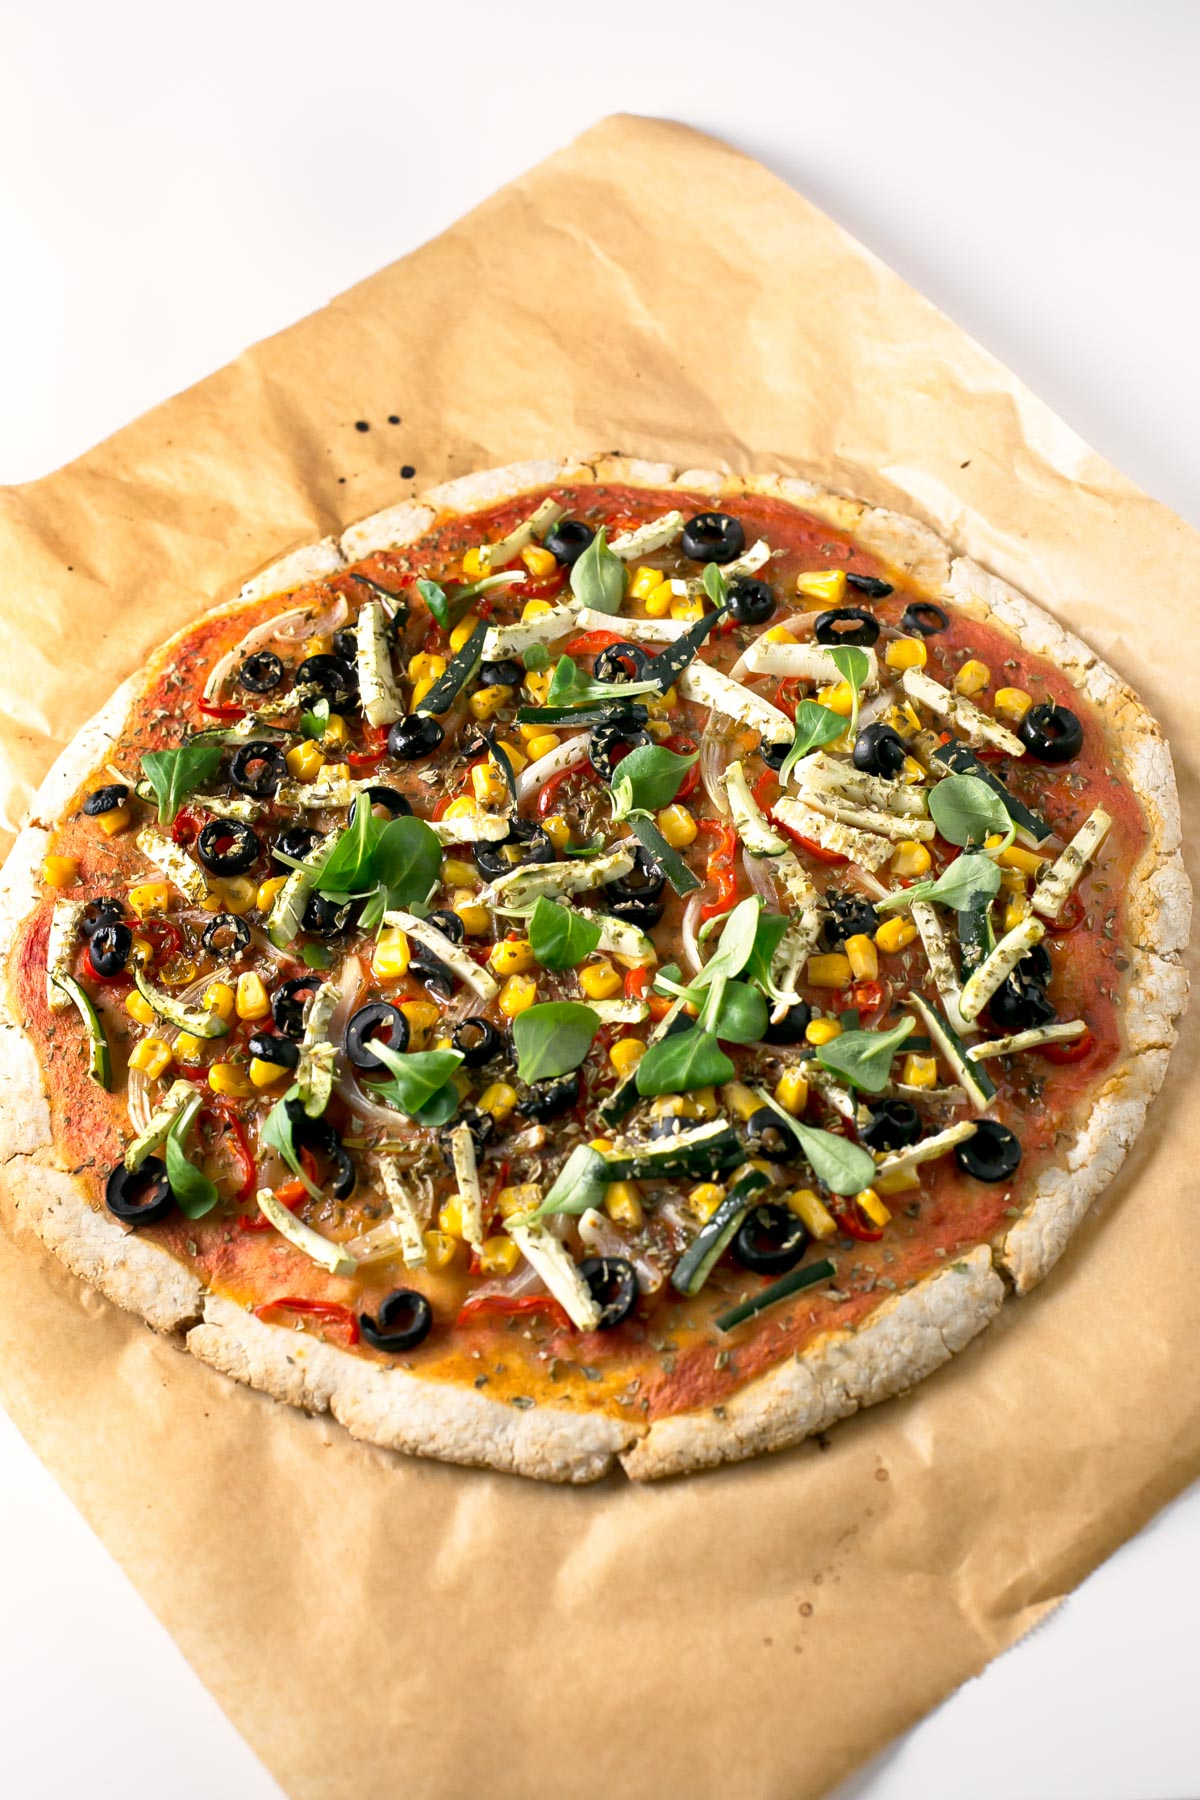 Pizza Sin Gluten Con Verduras. - Esta pizza sin gluten con verduras está para chuparse los dedos. Es una receta muy simple y merece la pena al 100%.